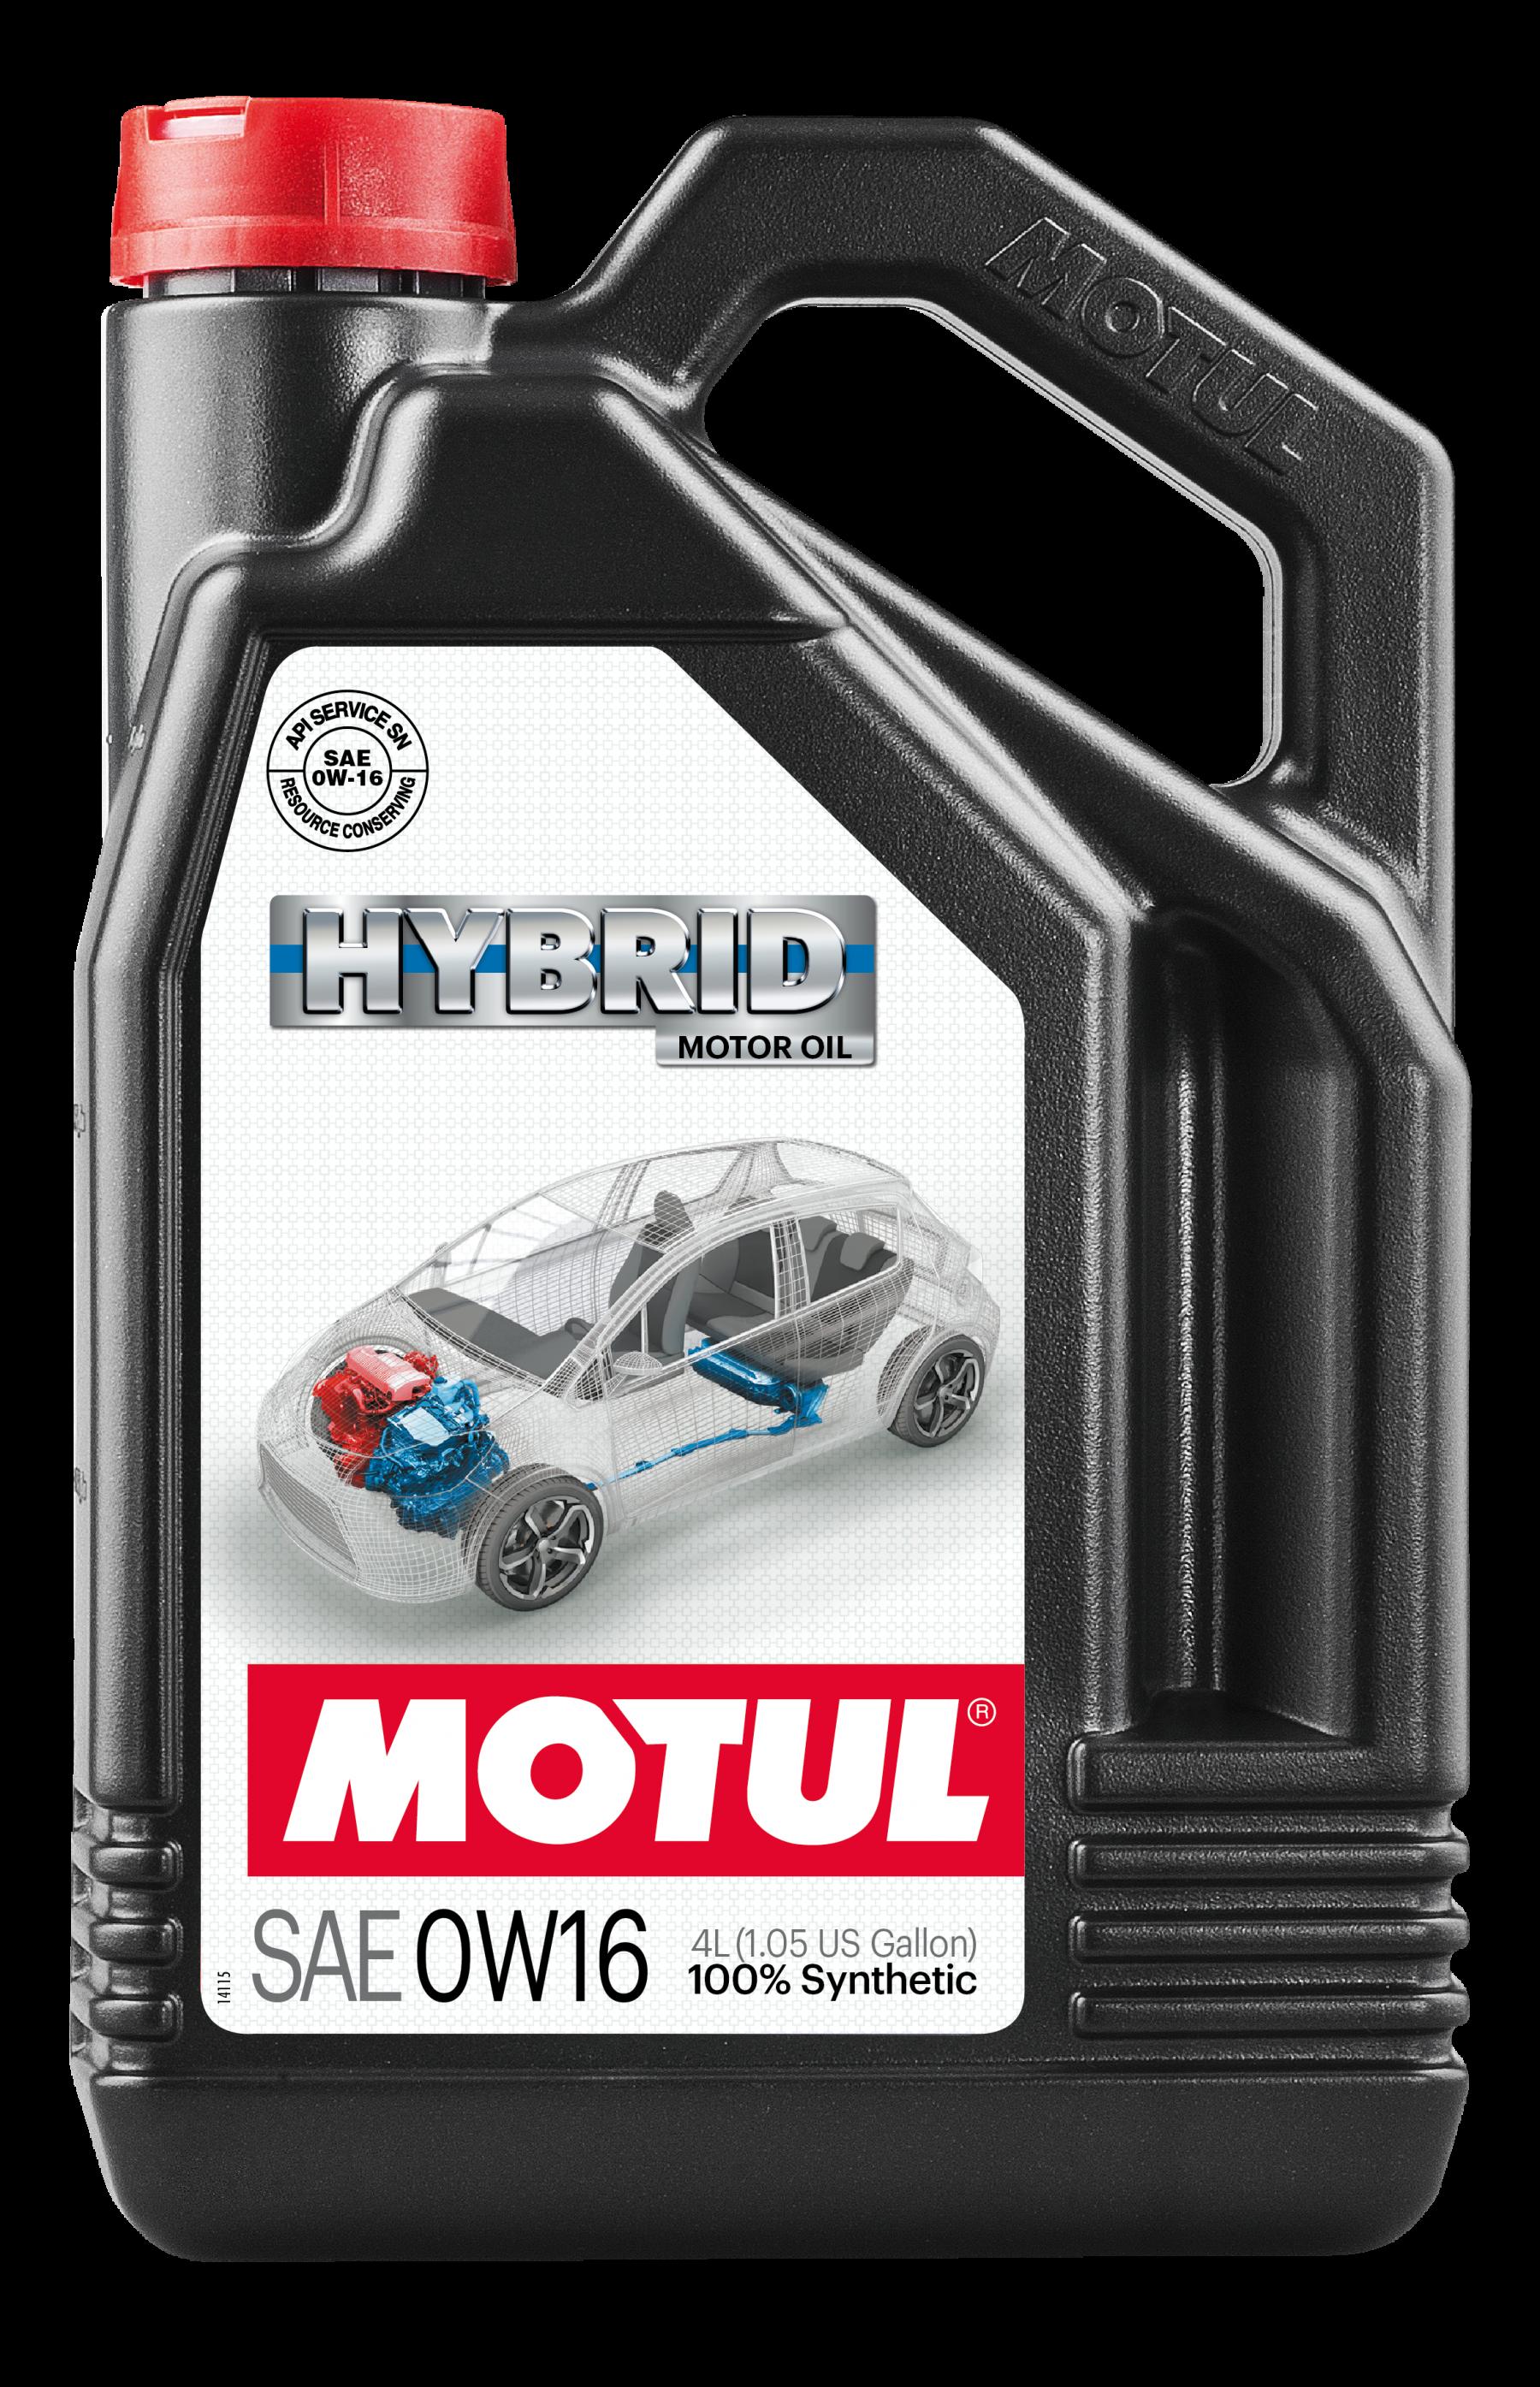 Motul Hybrid 0w-16